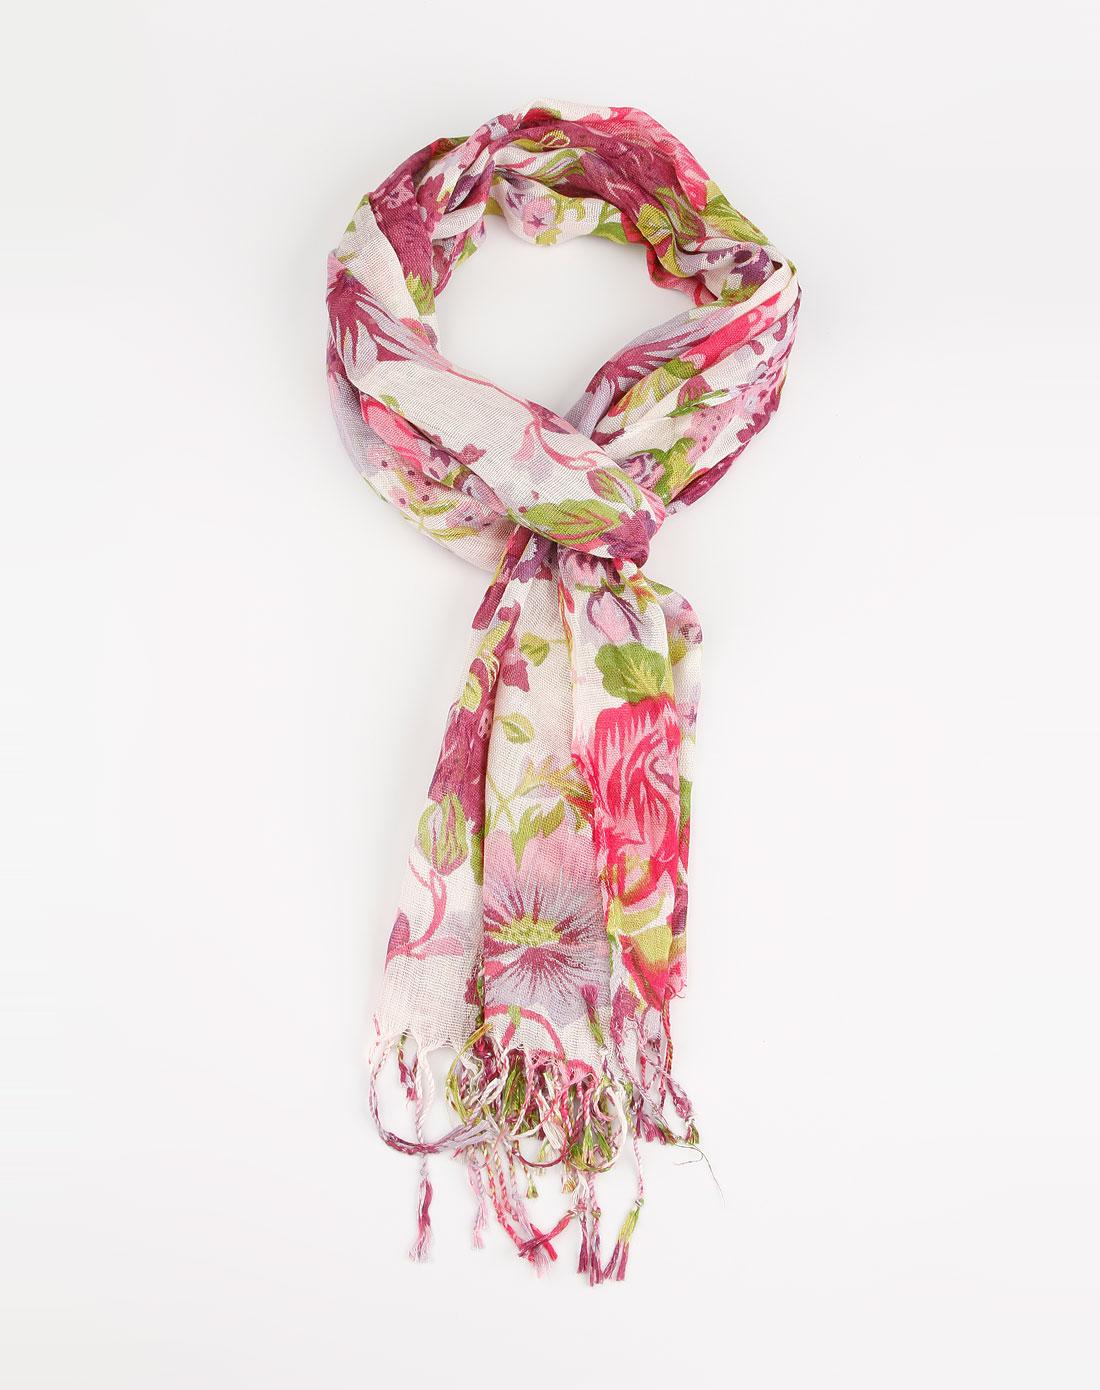 惠粉红_最后约惠-女人我最大专场-粉红/紫红色花瓣个性围巾